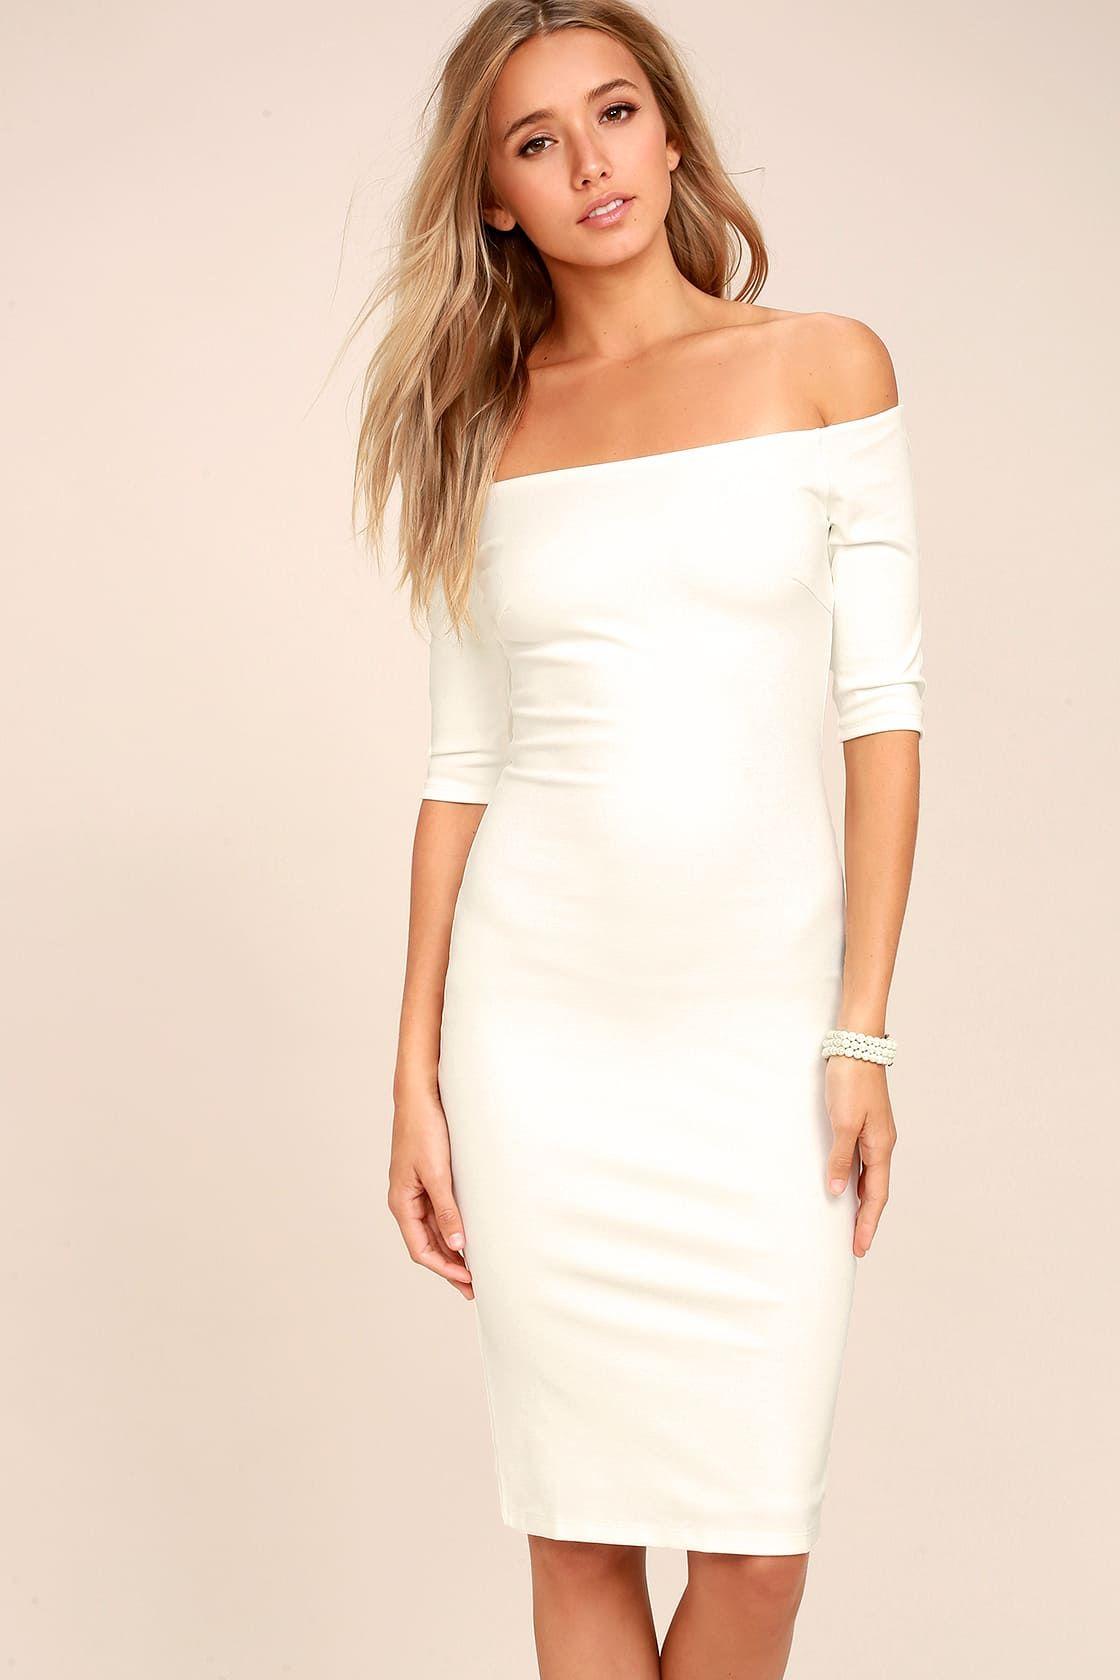 23+ Ivory off the shoulder dress info